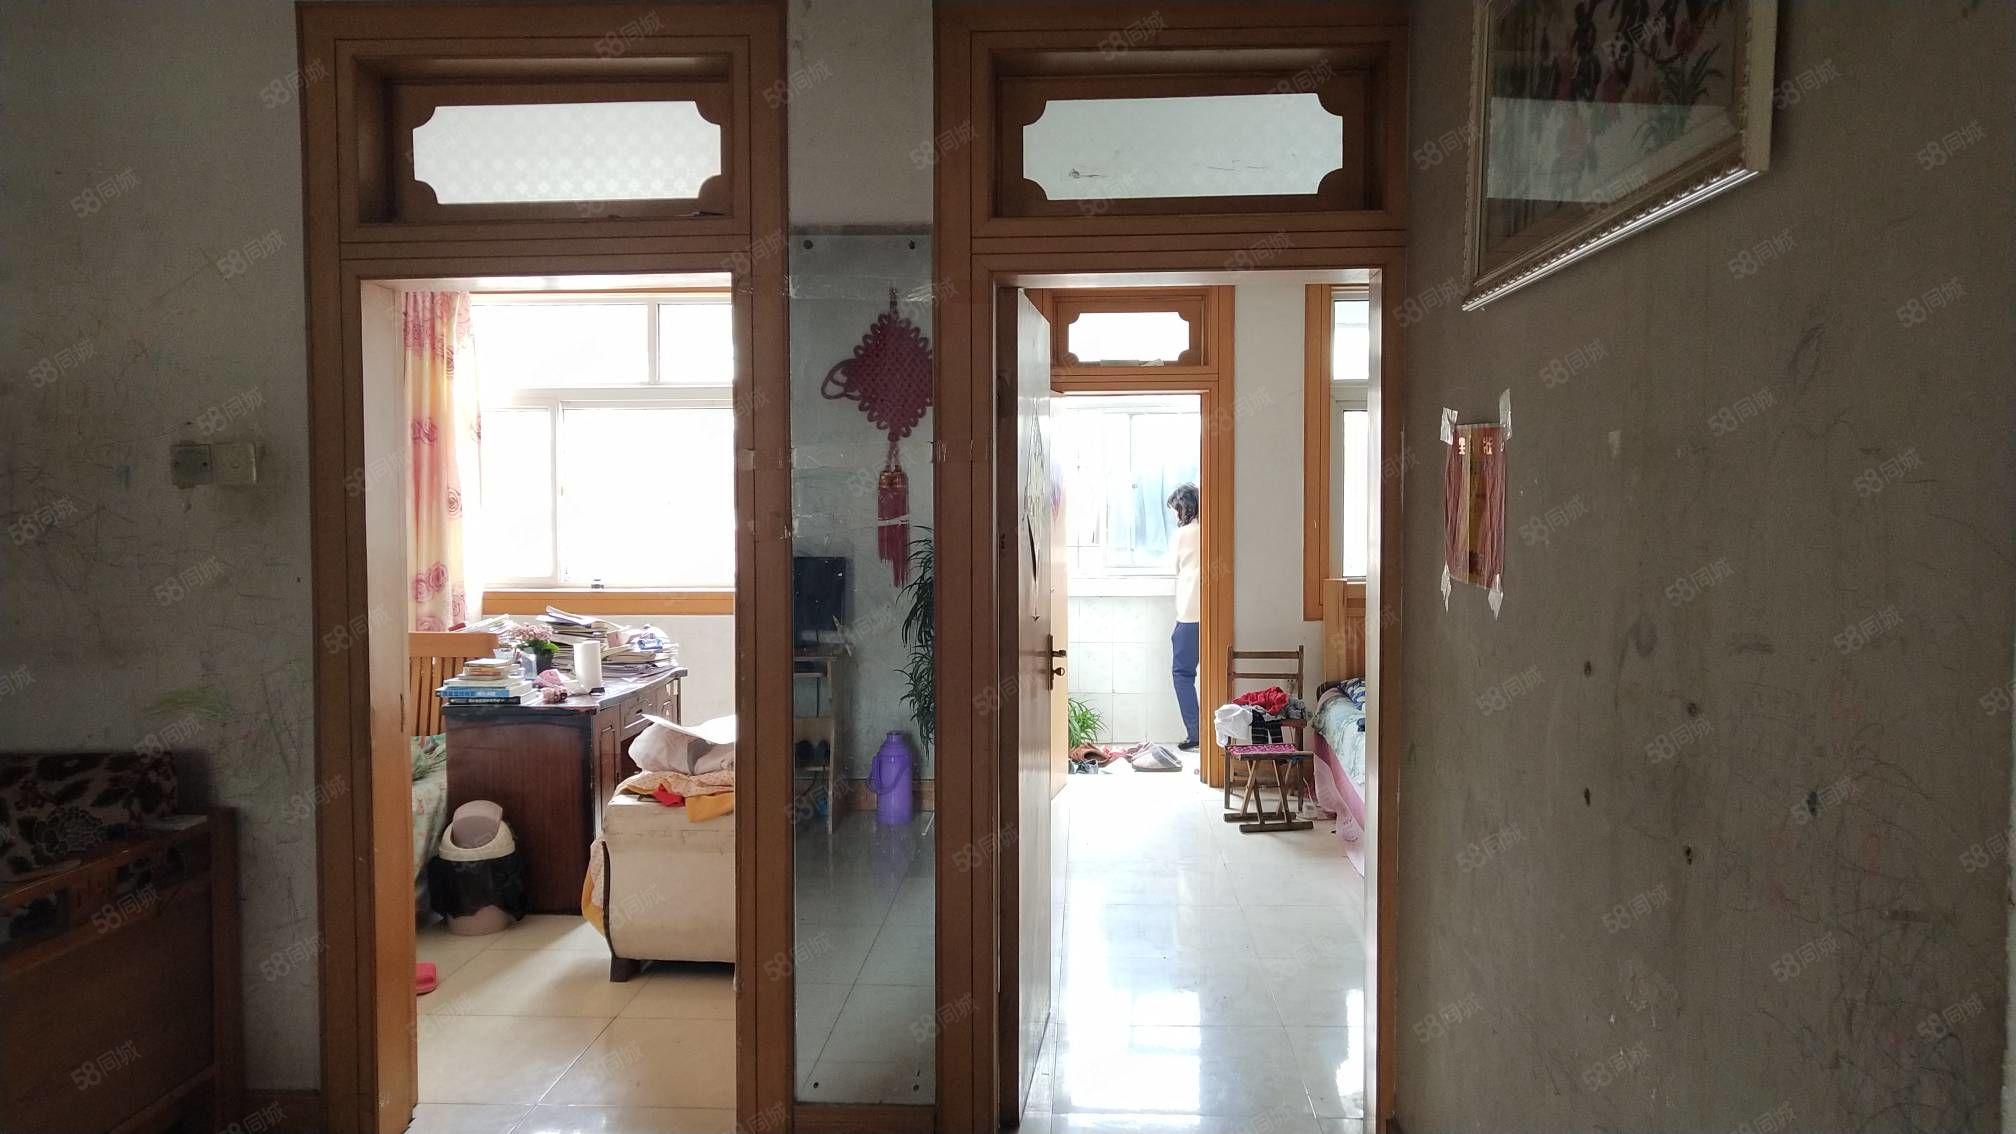 嘉祥演武小区县社家属院84平方储藏室10平方满五唯一46万